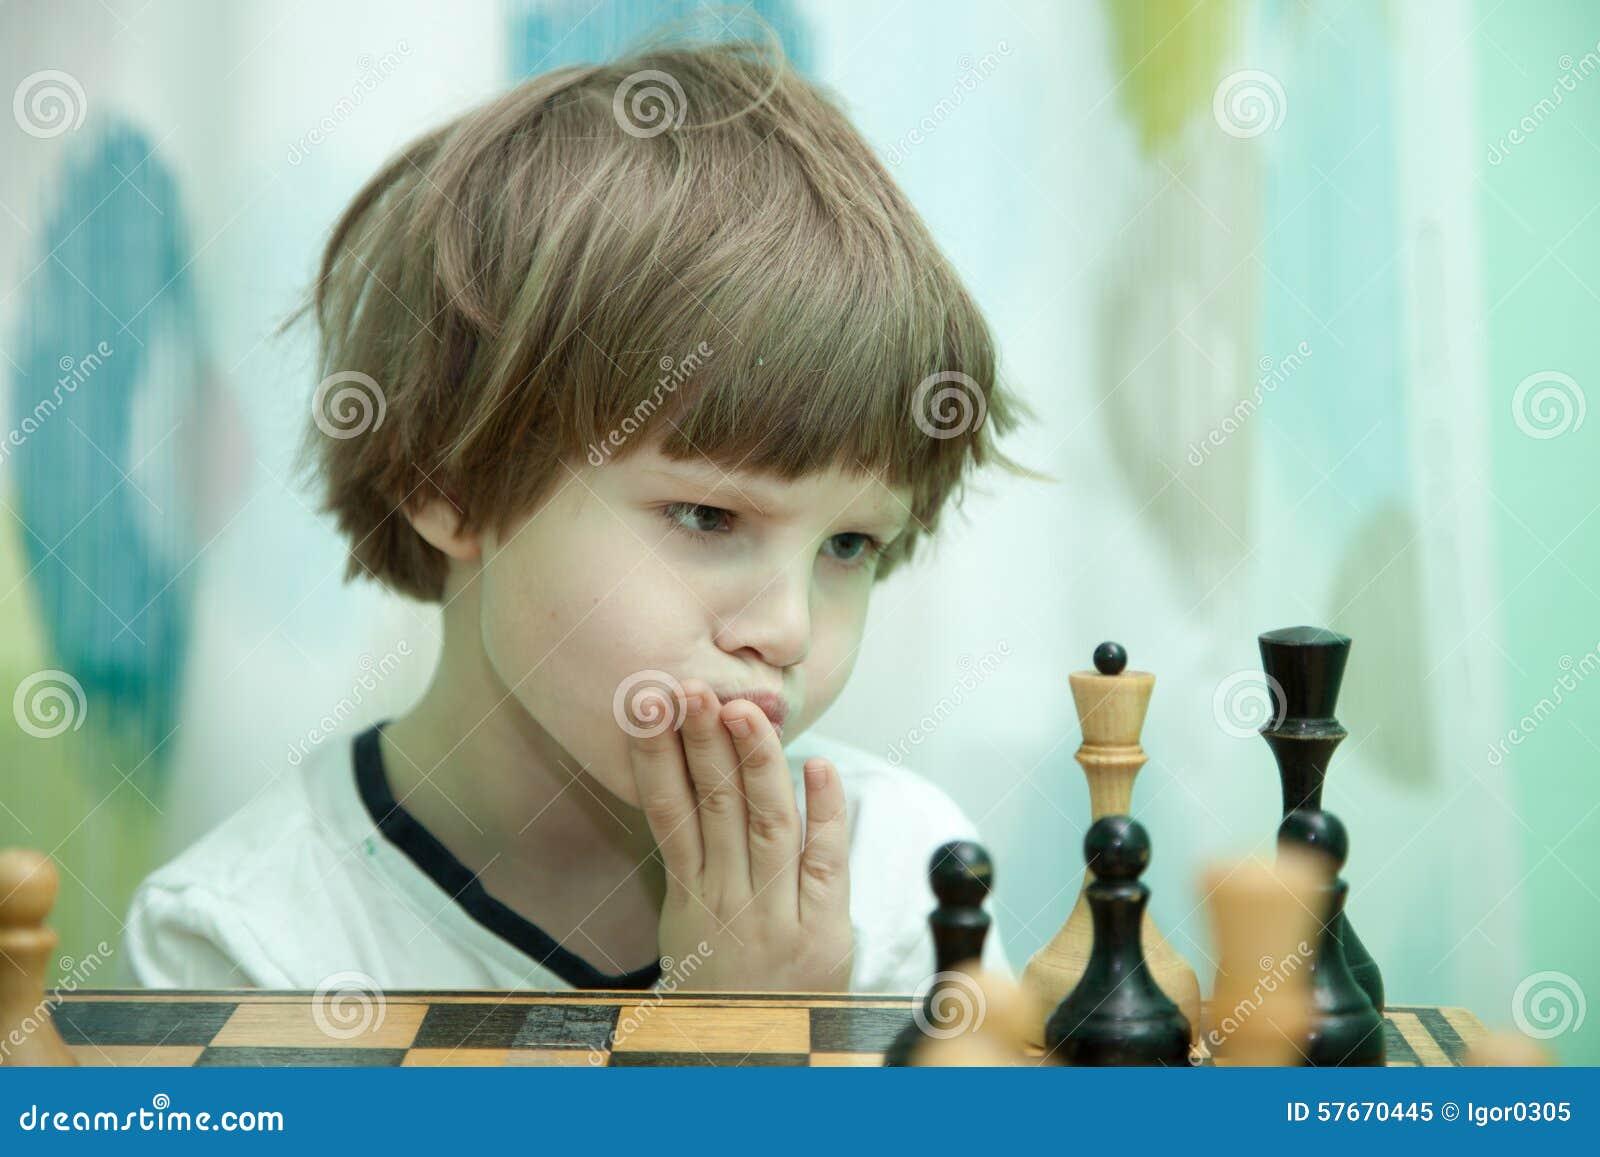 Chłopcy w szachy grać